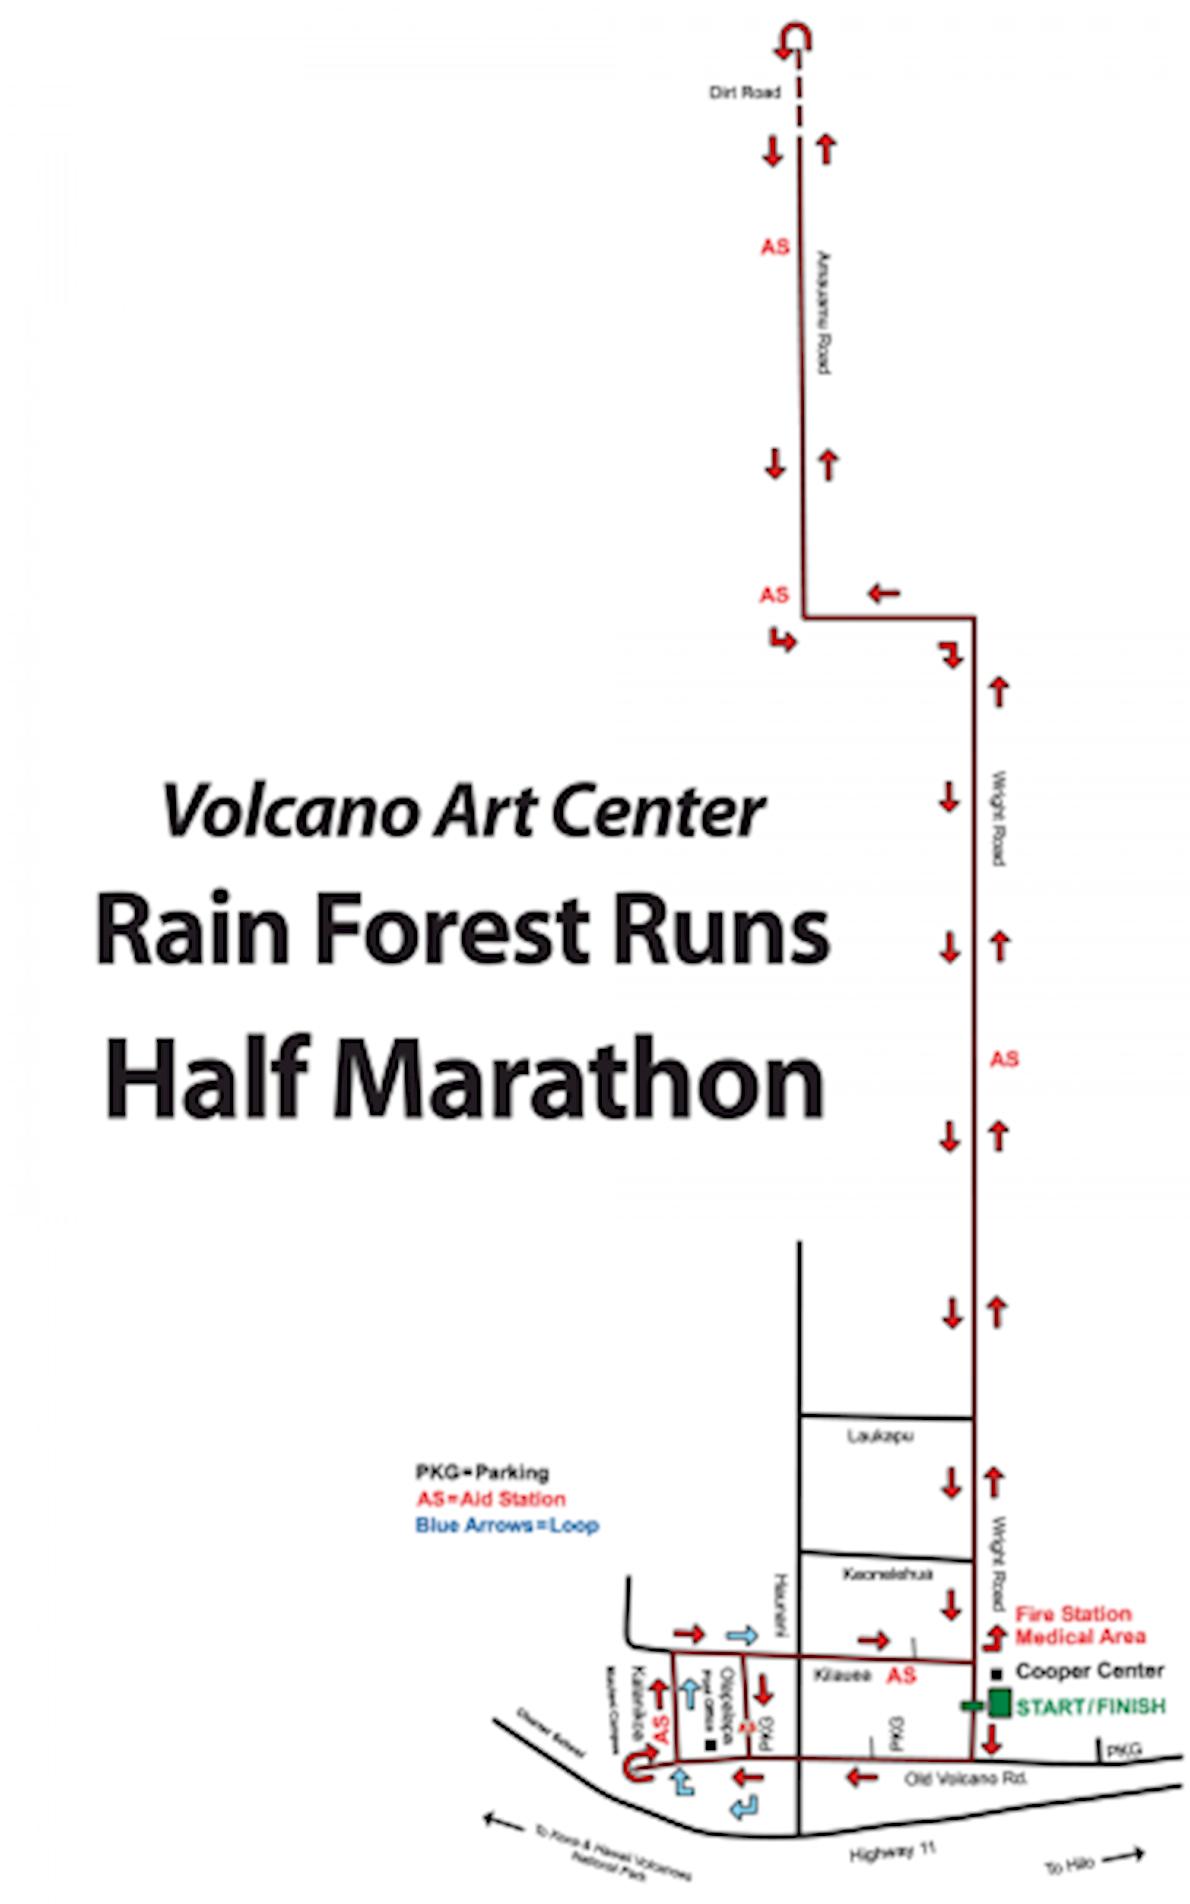 Volcano Art Center Rain Forest Runs MAPA DEL RECORRIDO DE